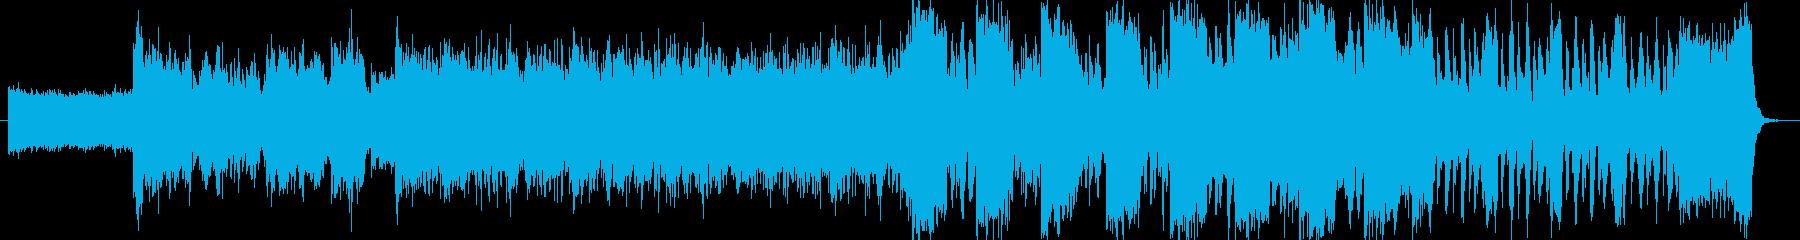 EDM系の緊迫した空気の曲(ギター入り)の再生済みの波形